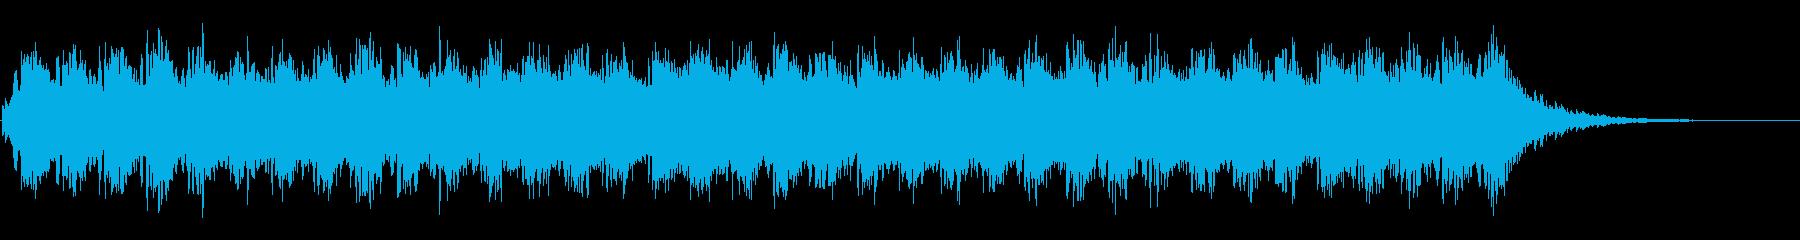 アンビエントなパッド系BGM(WAV)の再生済みの波形